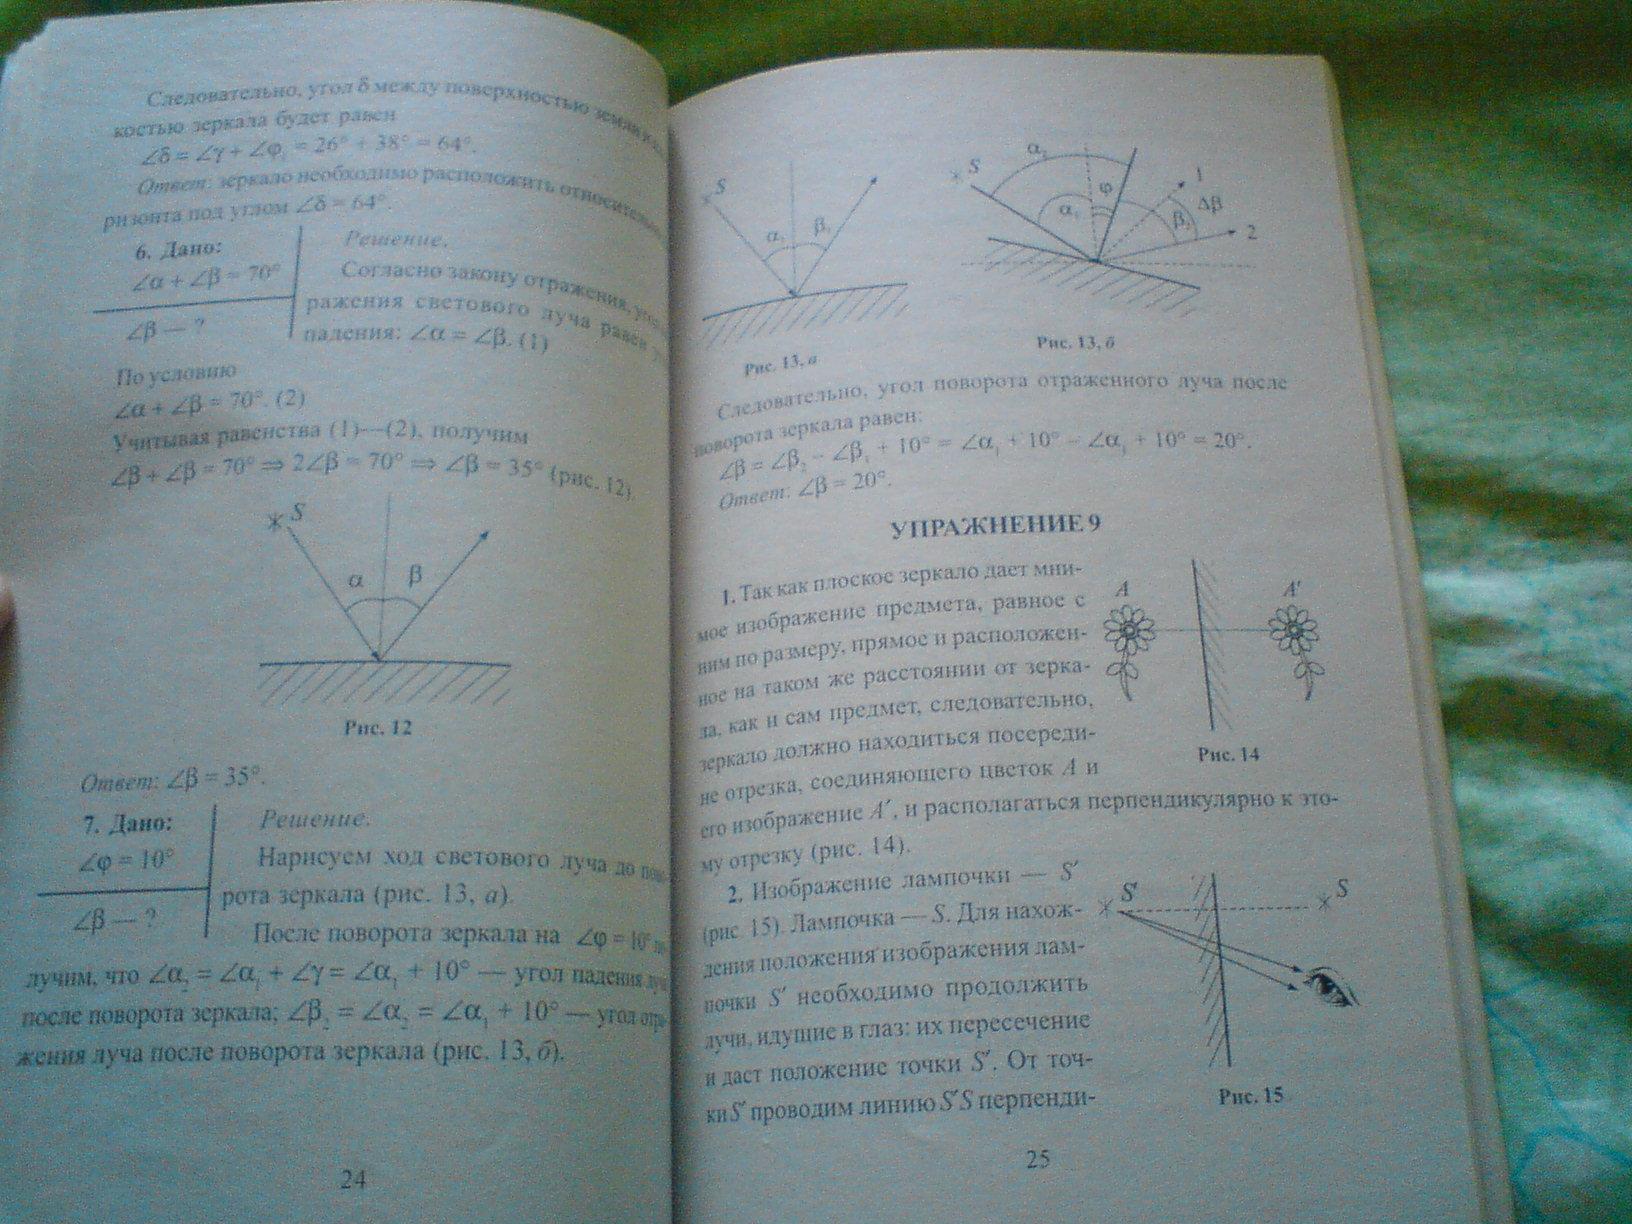 Решебник по физике 9 класс. Страница 14